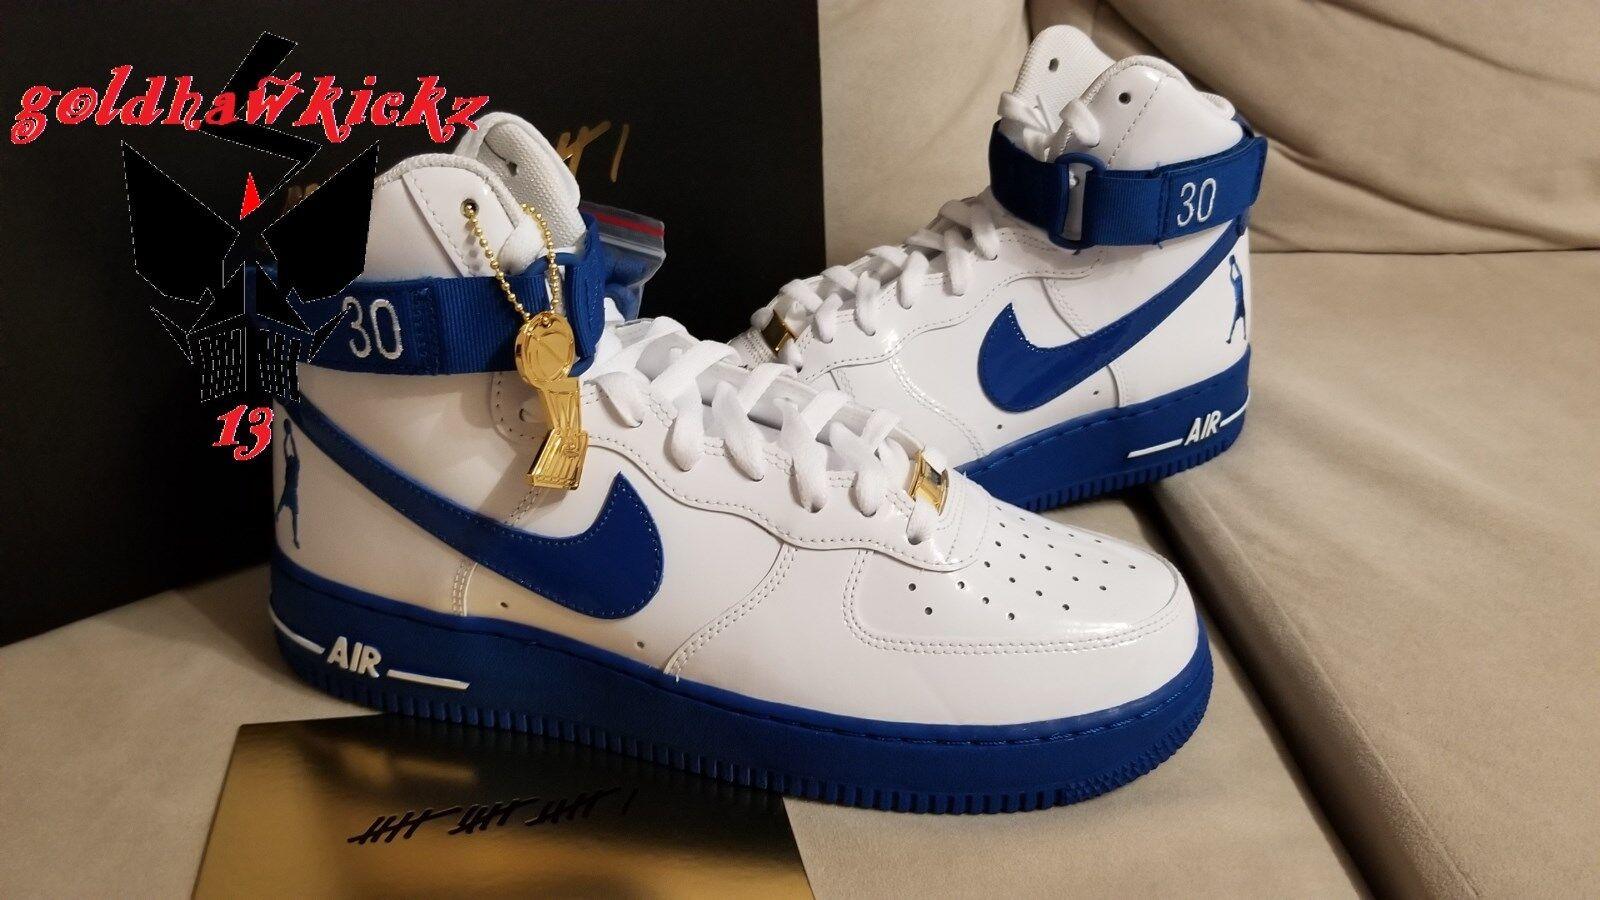 Nike air force 1 hohe ct16 qs qs qs sheed rasheed wallace böses erwachen aq4229-100 8313e7